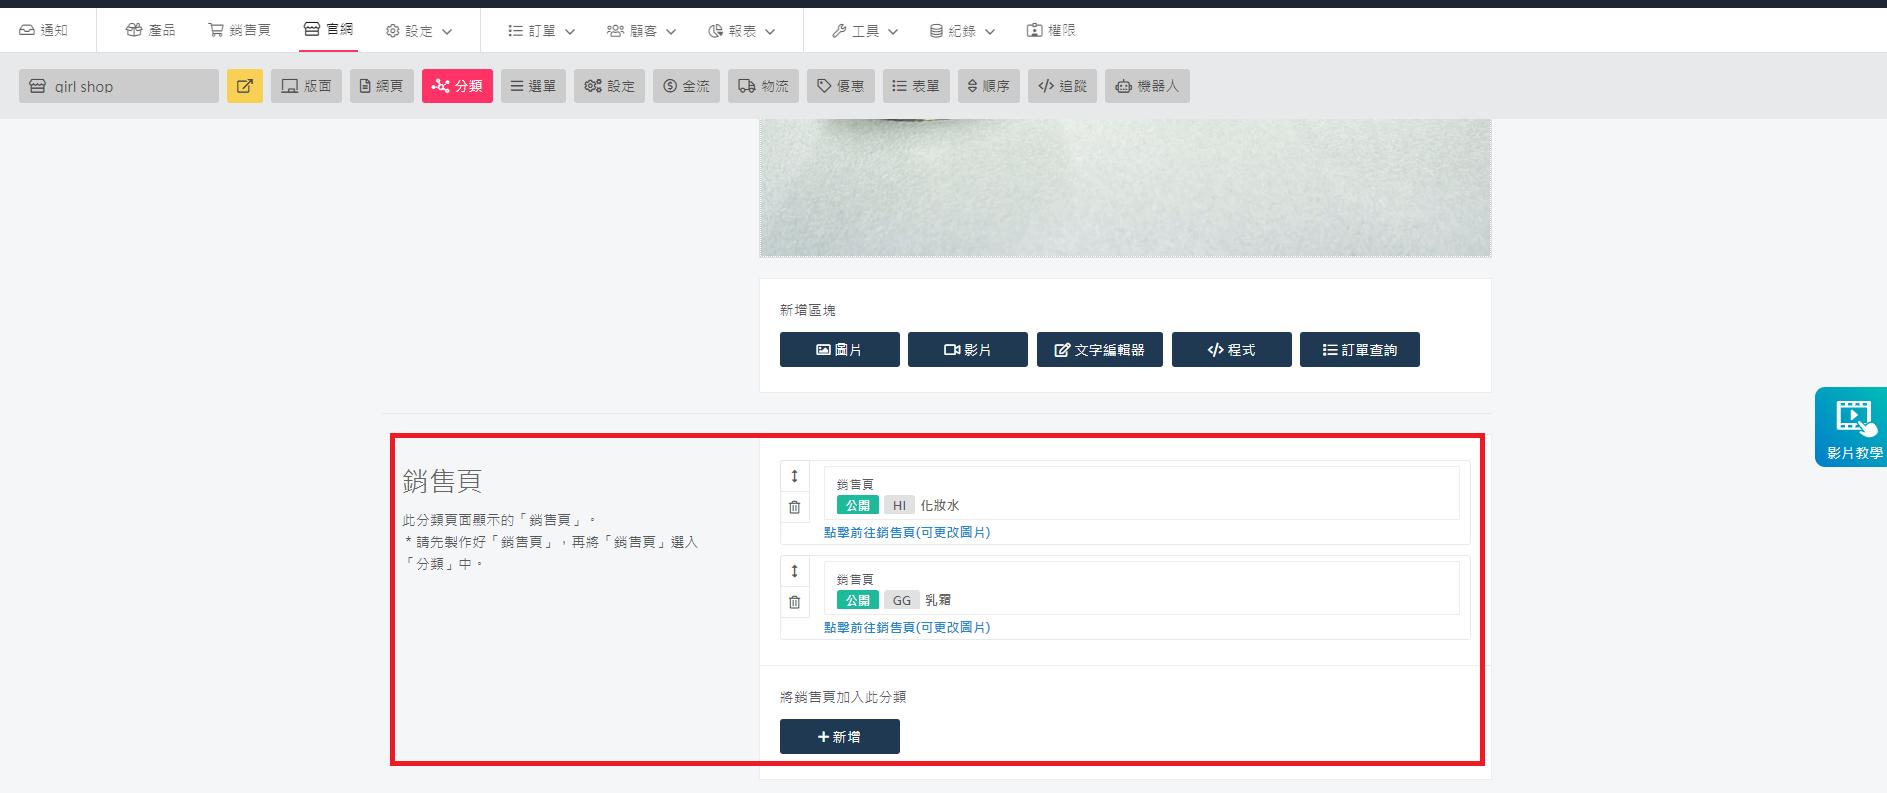 分類頁功能 新增或移除銷售頁